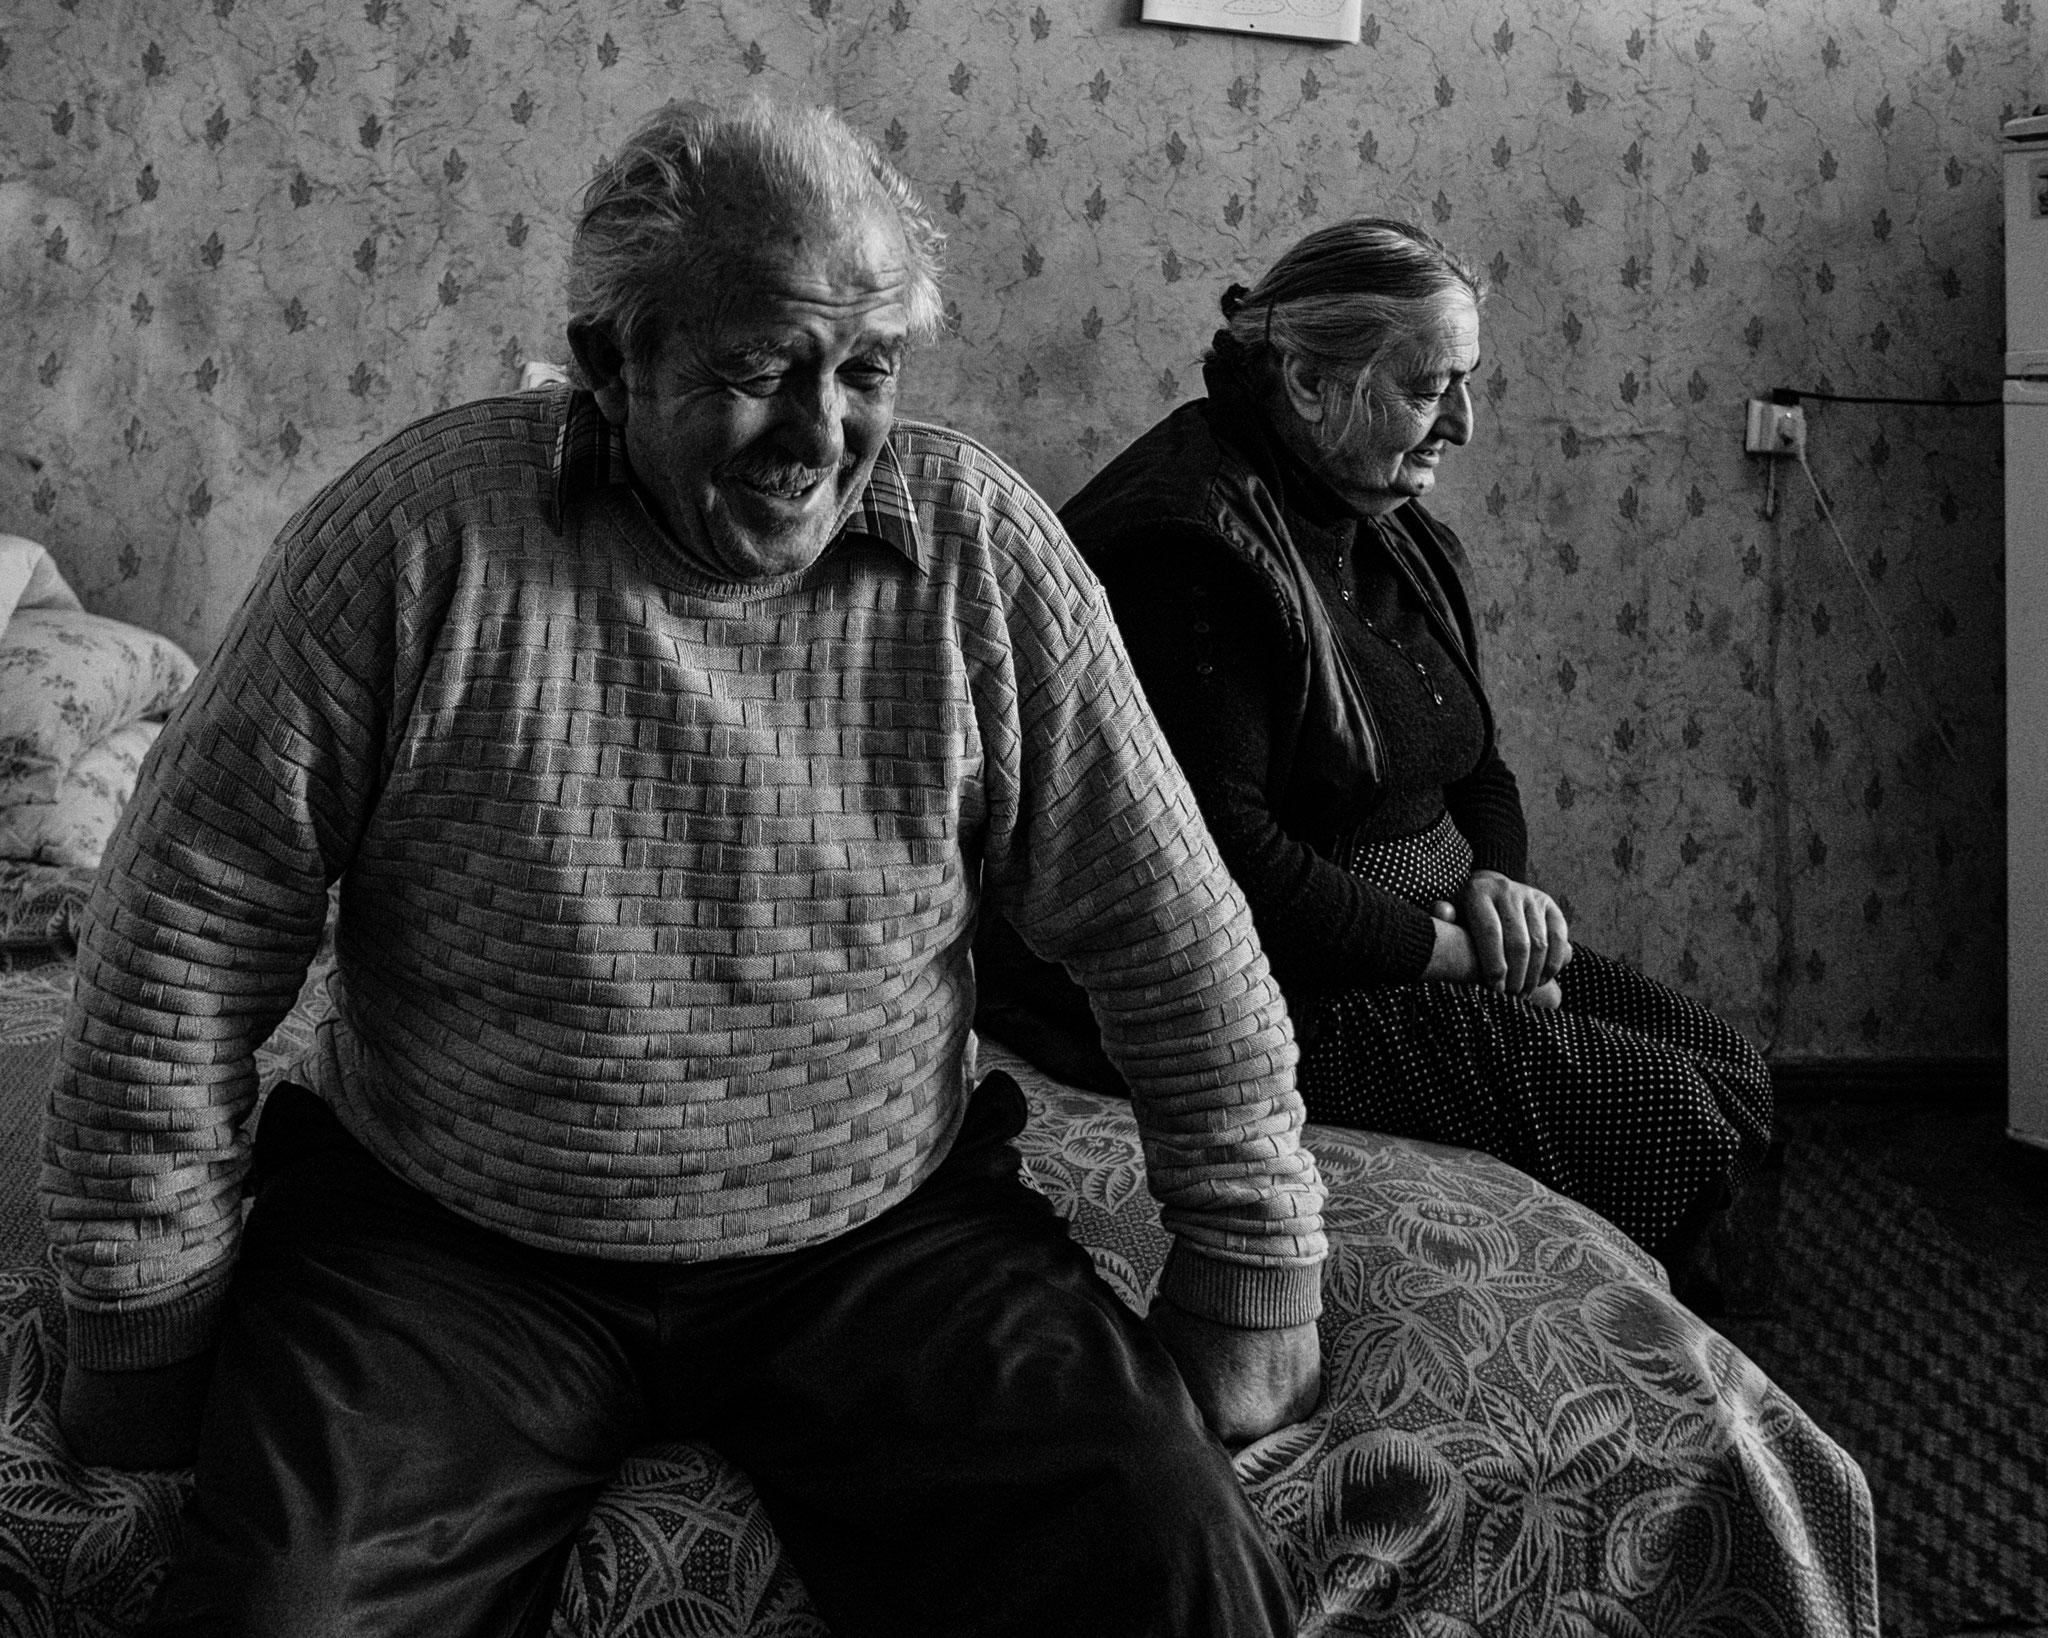 IDP from Abkhazia, Tsakltubo, Georgia